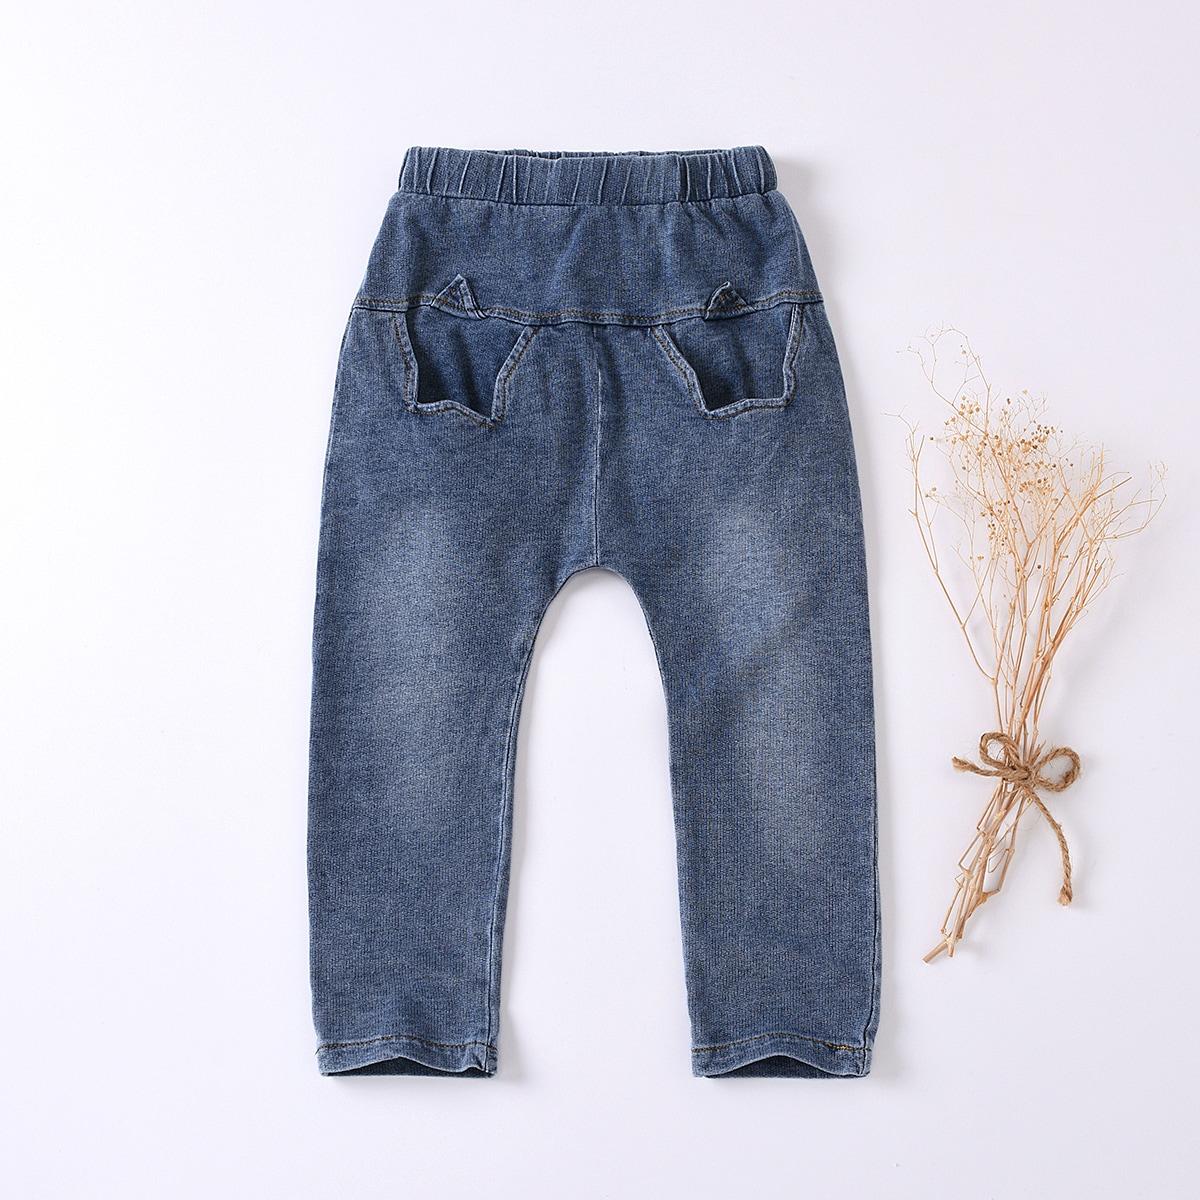 Буква повседневный джинсы для мальчиков